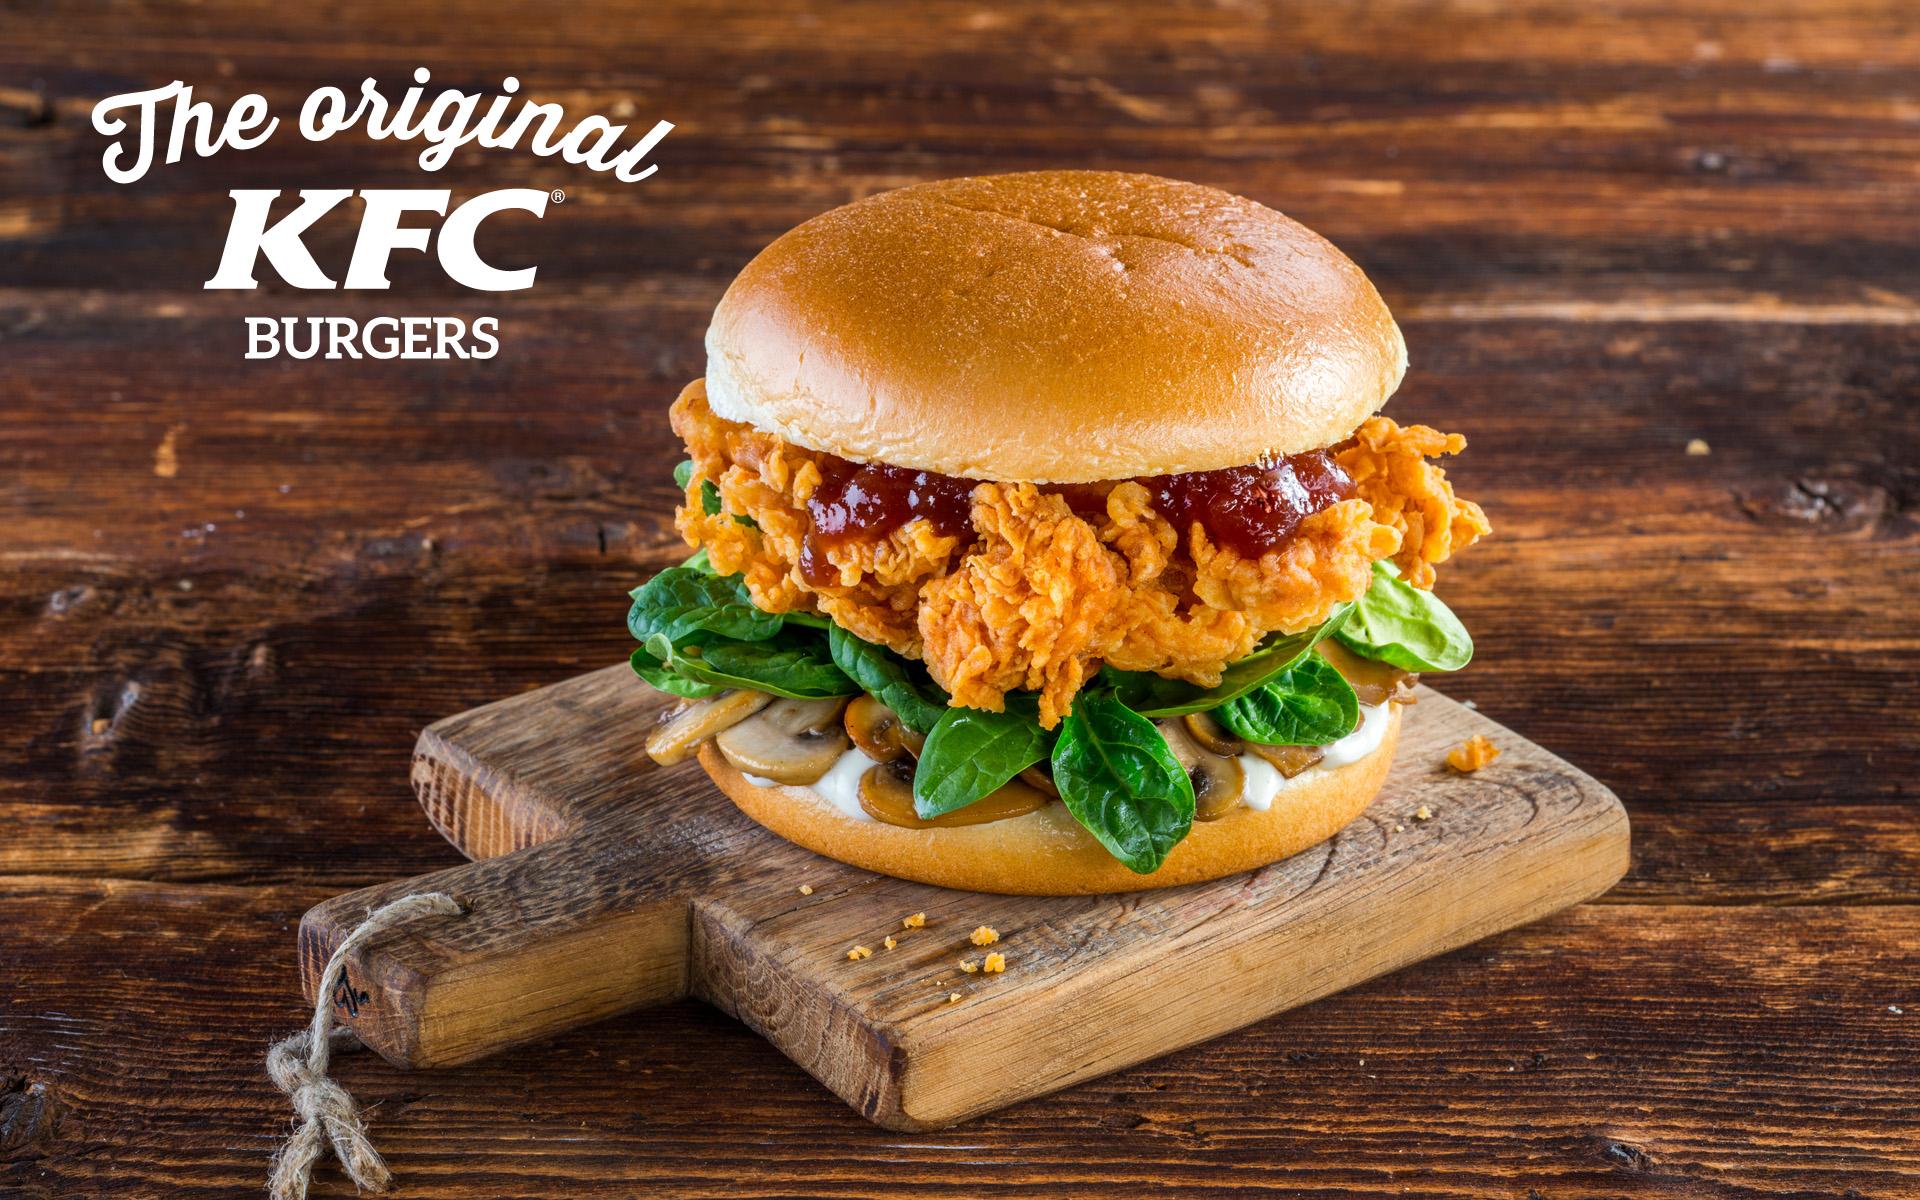 KFC Original Burgers